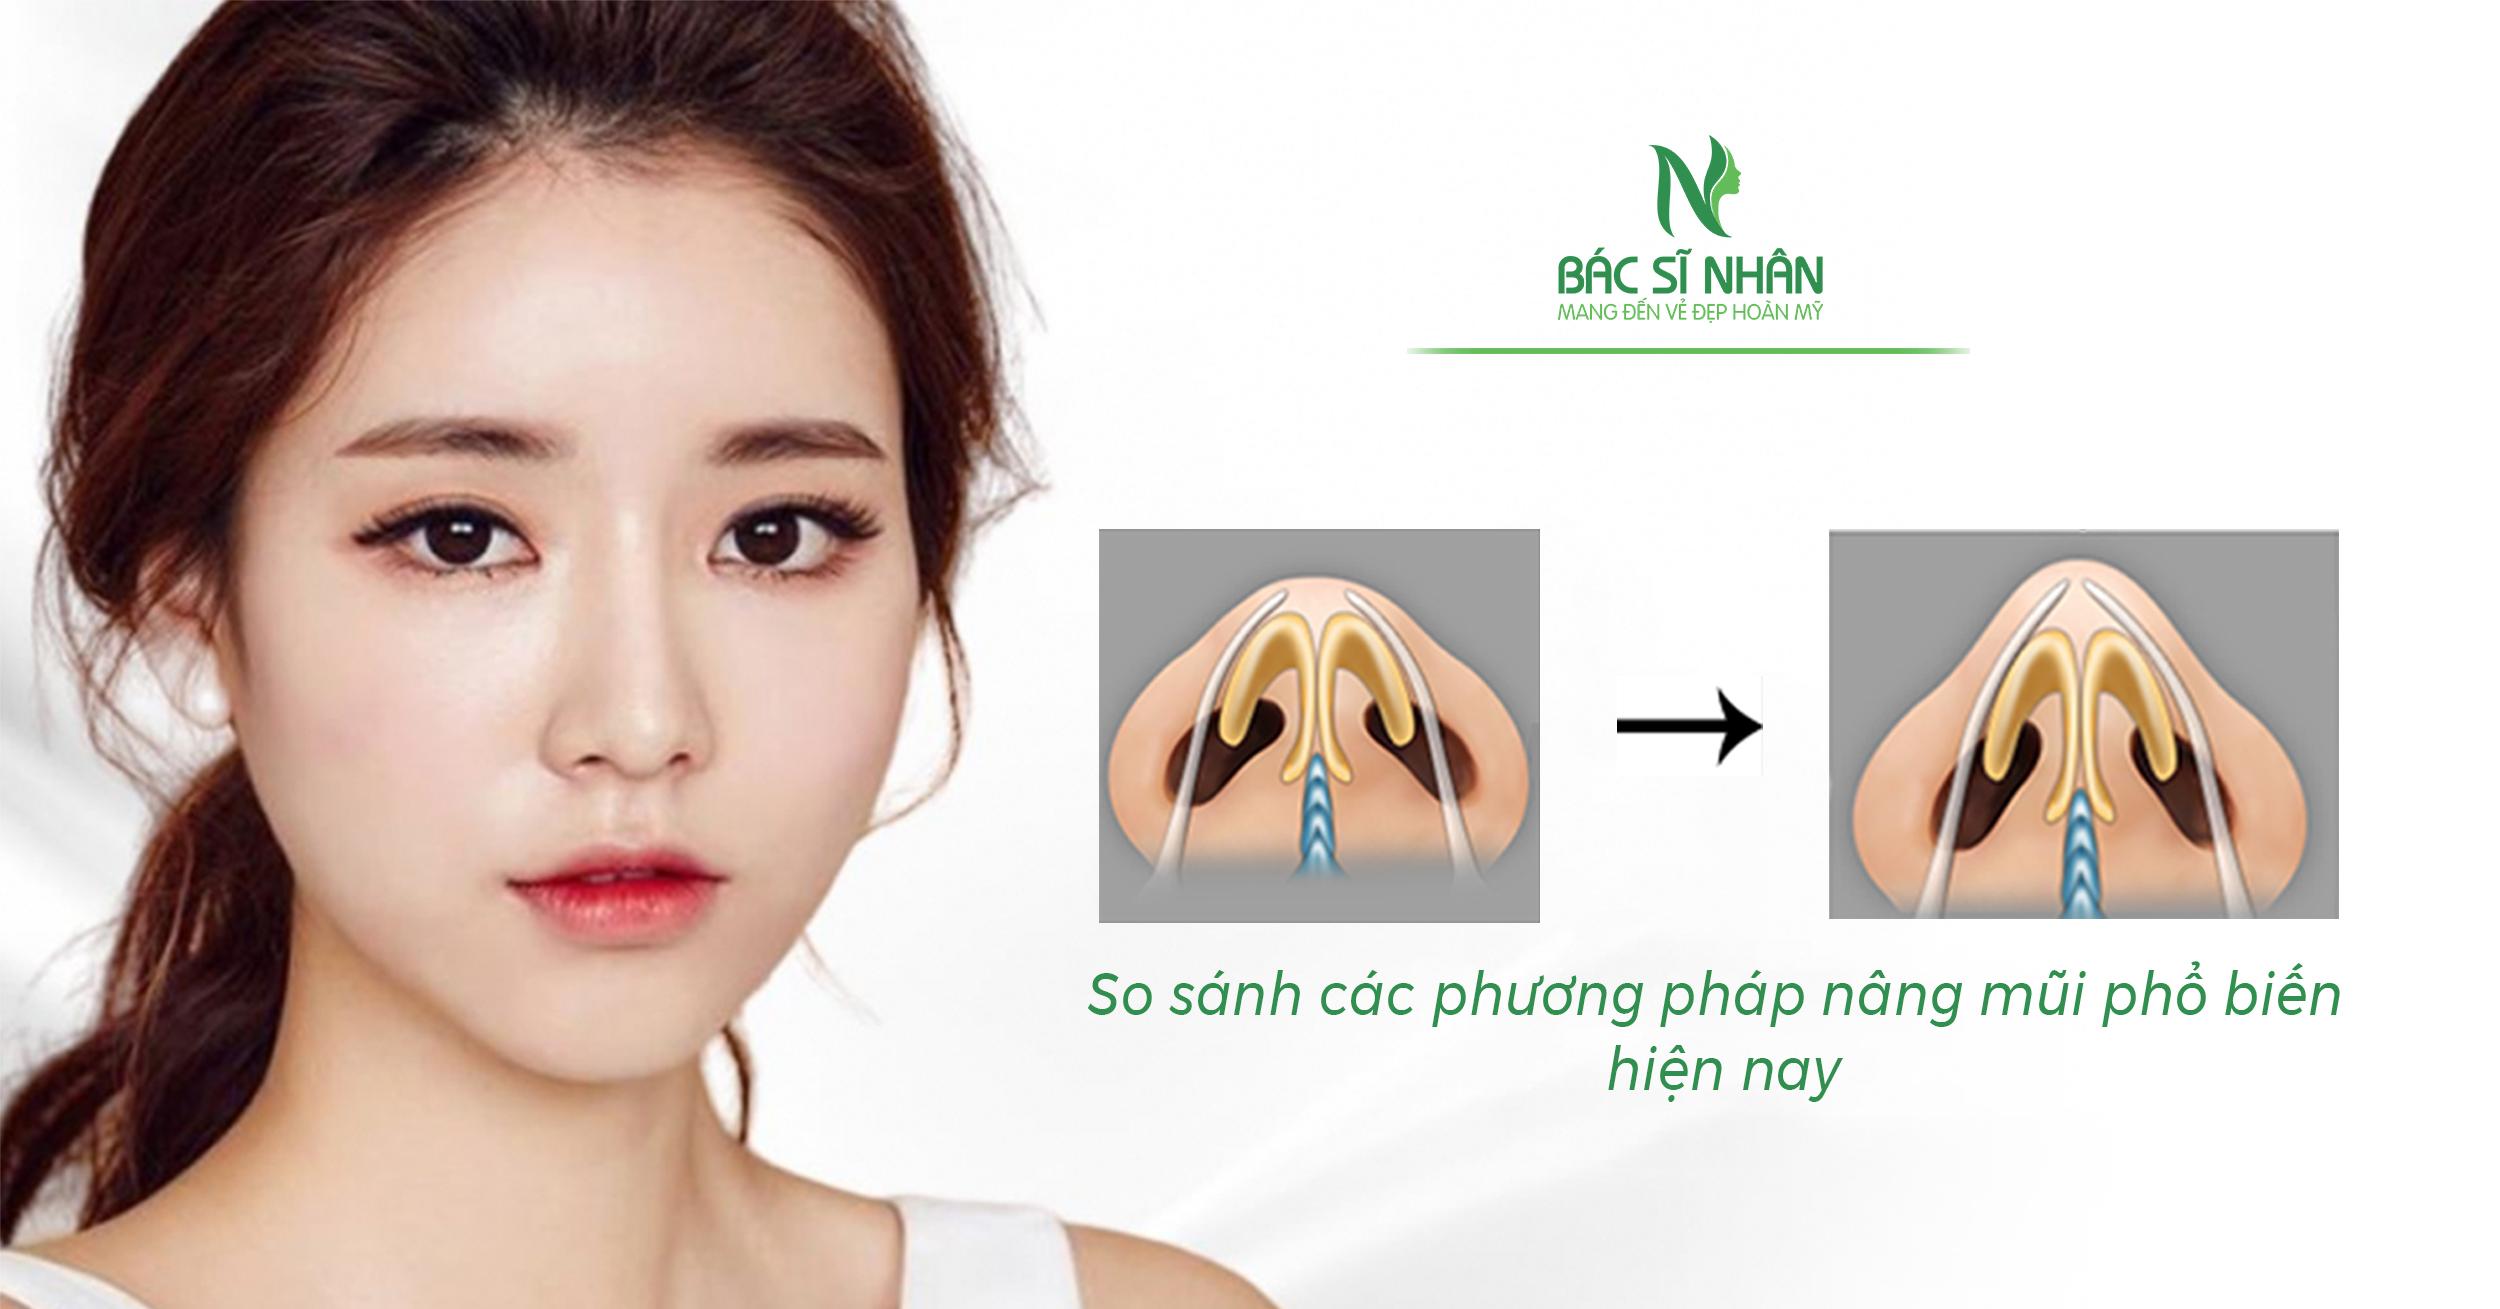 phương pháp nâng mũi